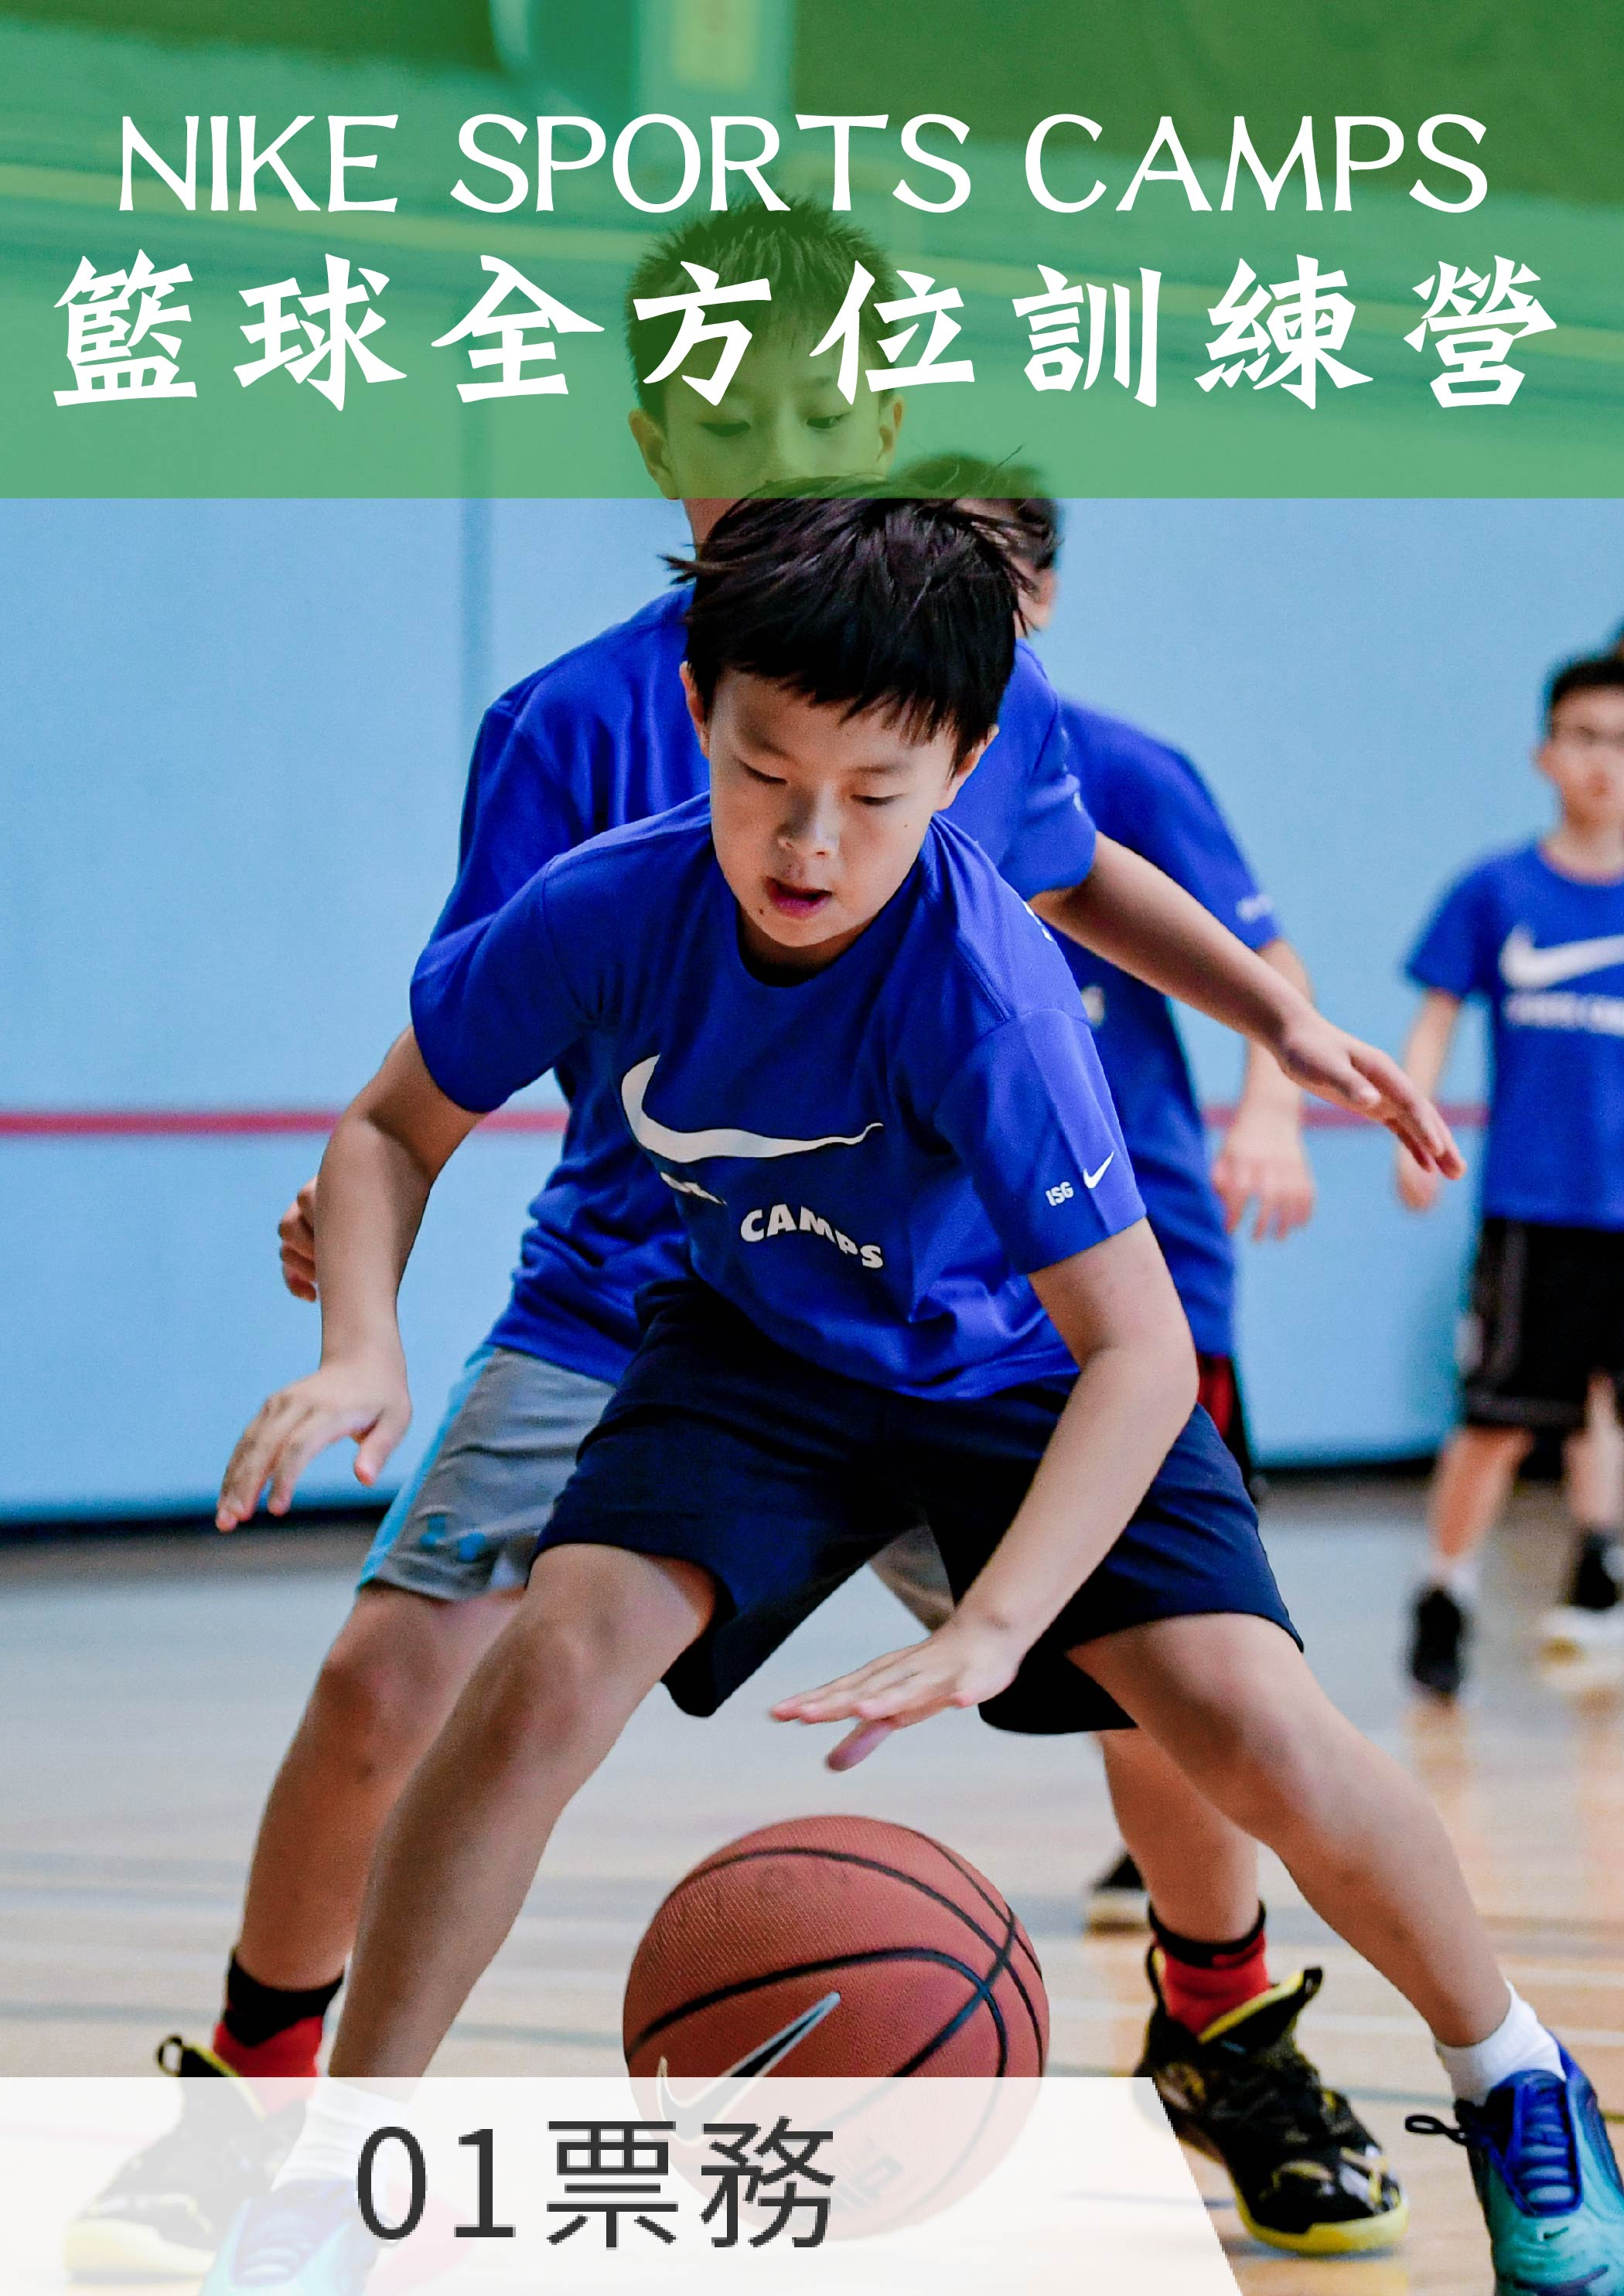 NIKE SPORTS CAMPS - 籃球全方位訓練營 (7歲 - 16歲)